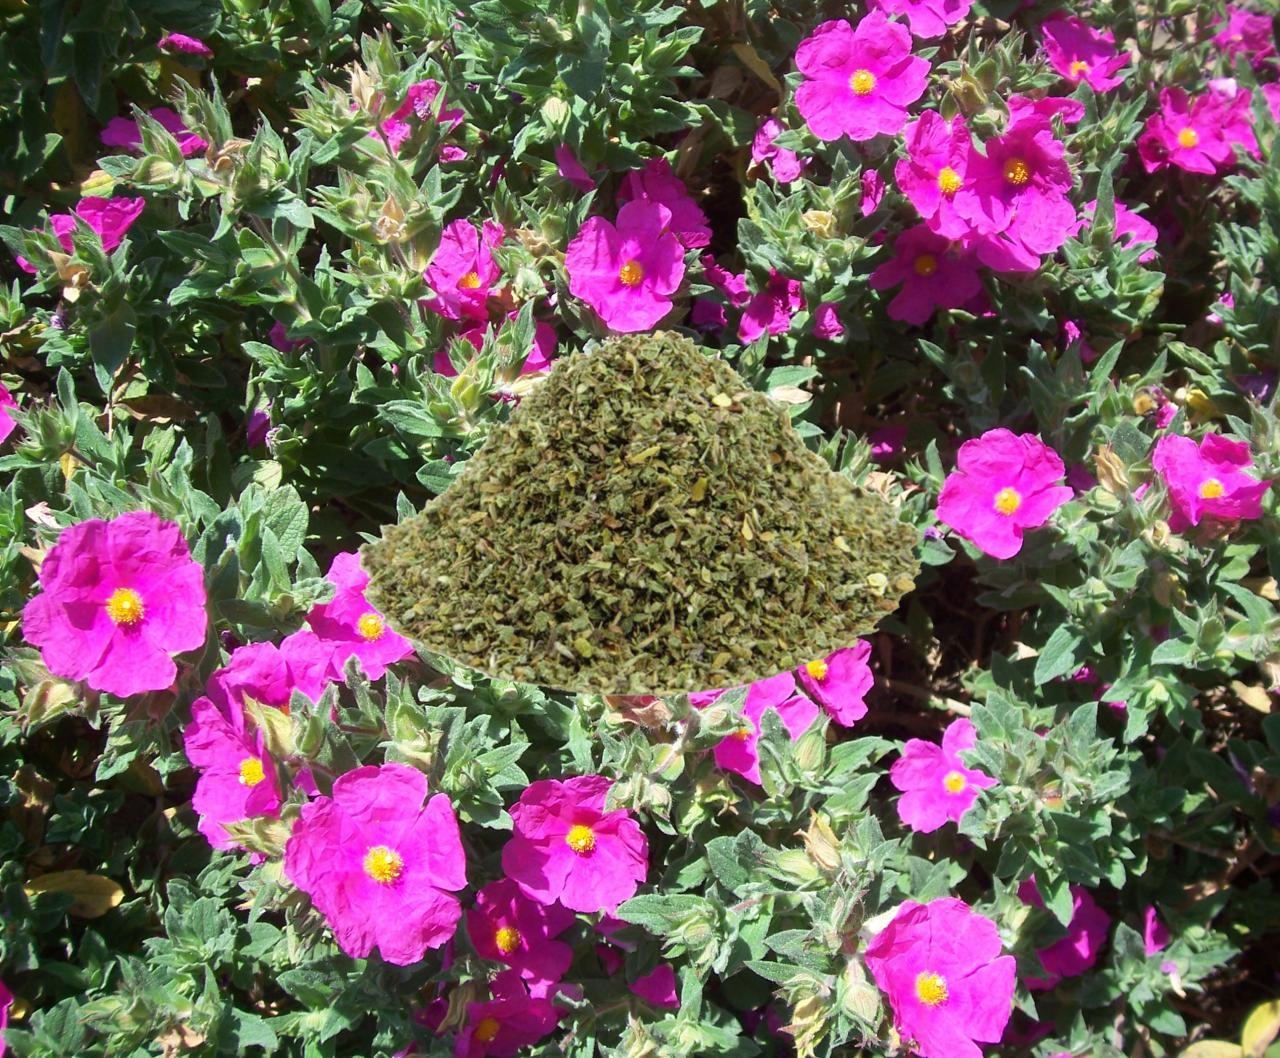 Czystek. Całoroczna ochrona zdrowia! Zdrowsza alternatywa zielonej herbaty!